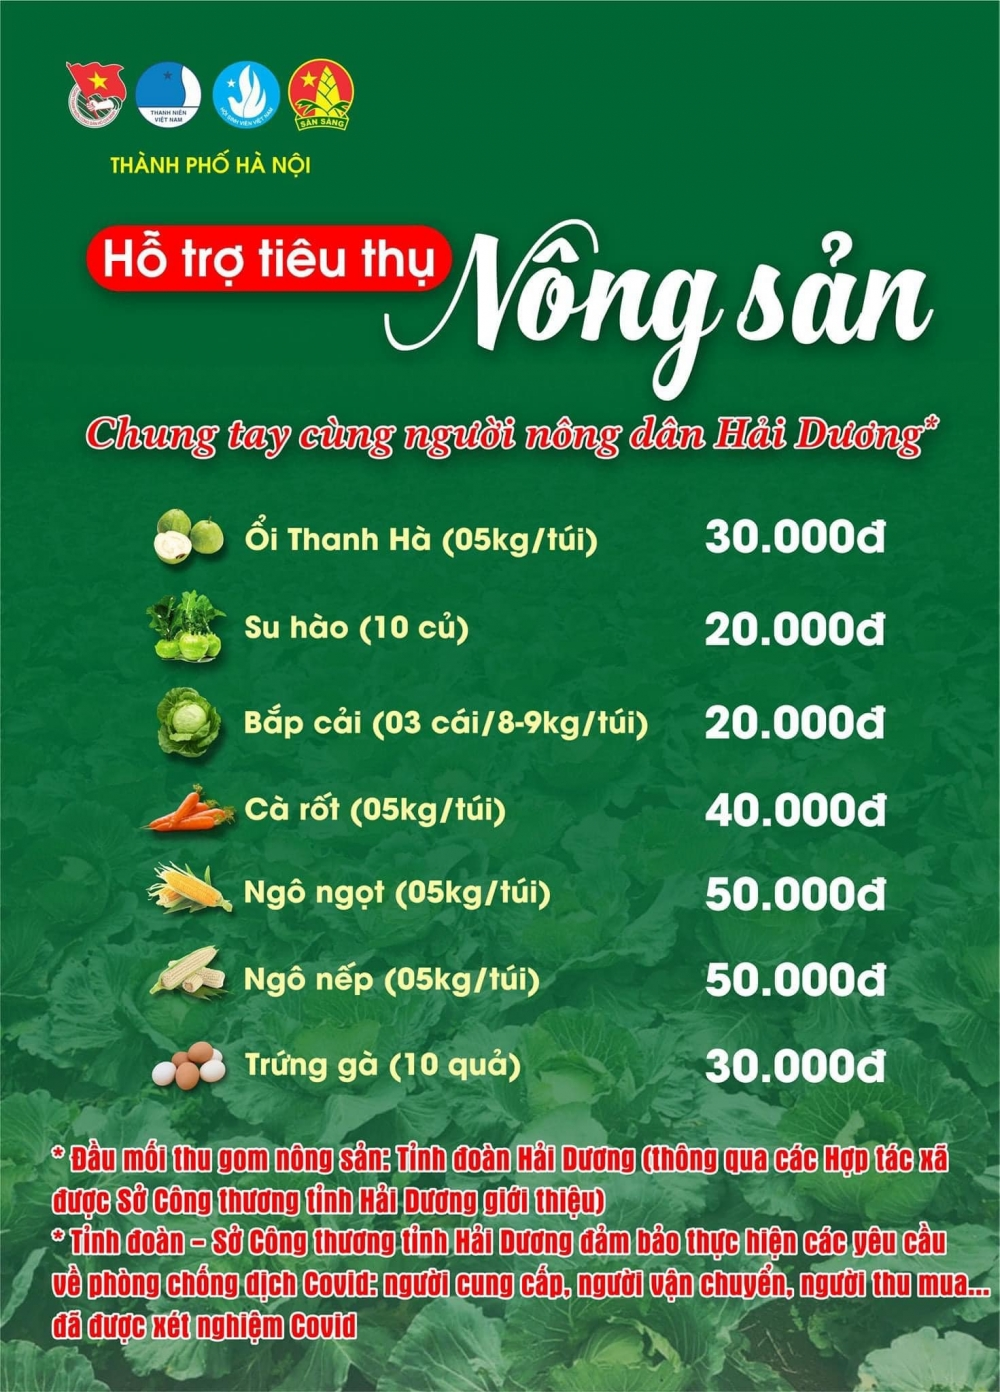 Thành đoàn Hà Nội kêu gọi chung tay giải cứu nông sản Hải Dương